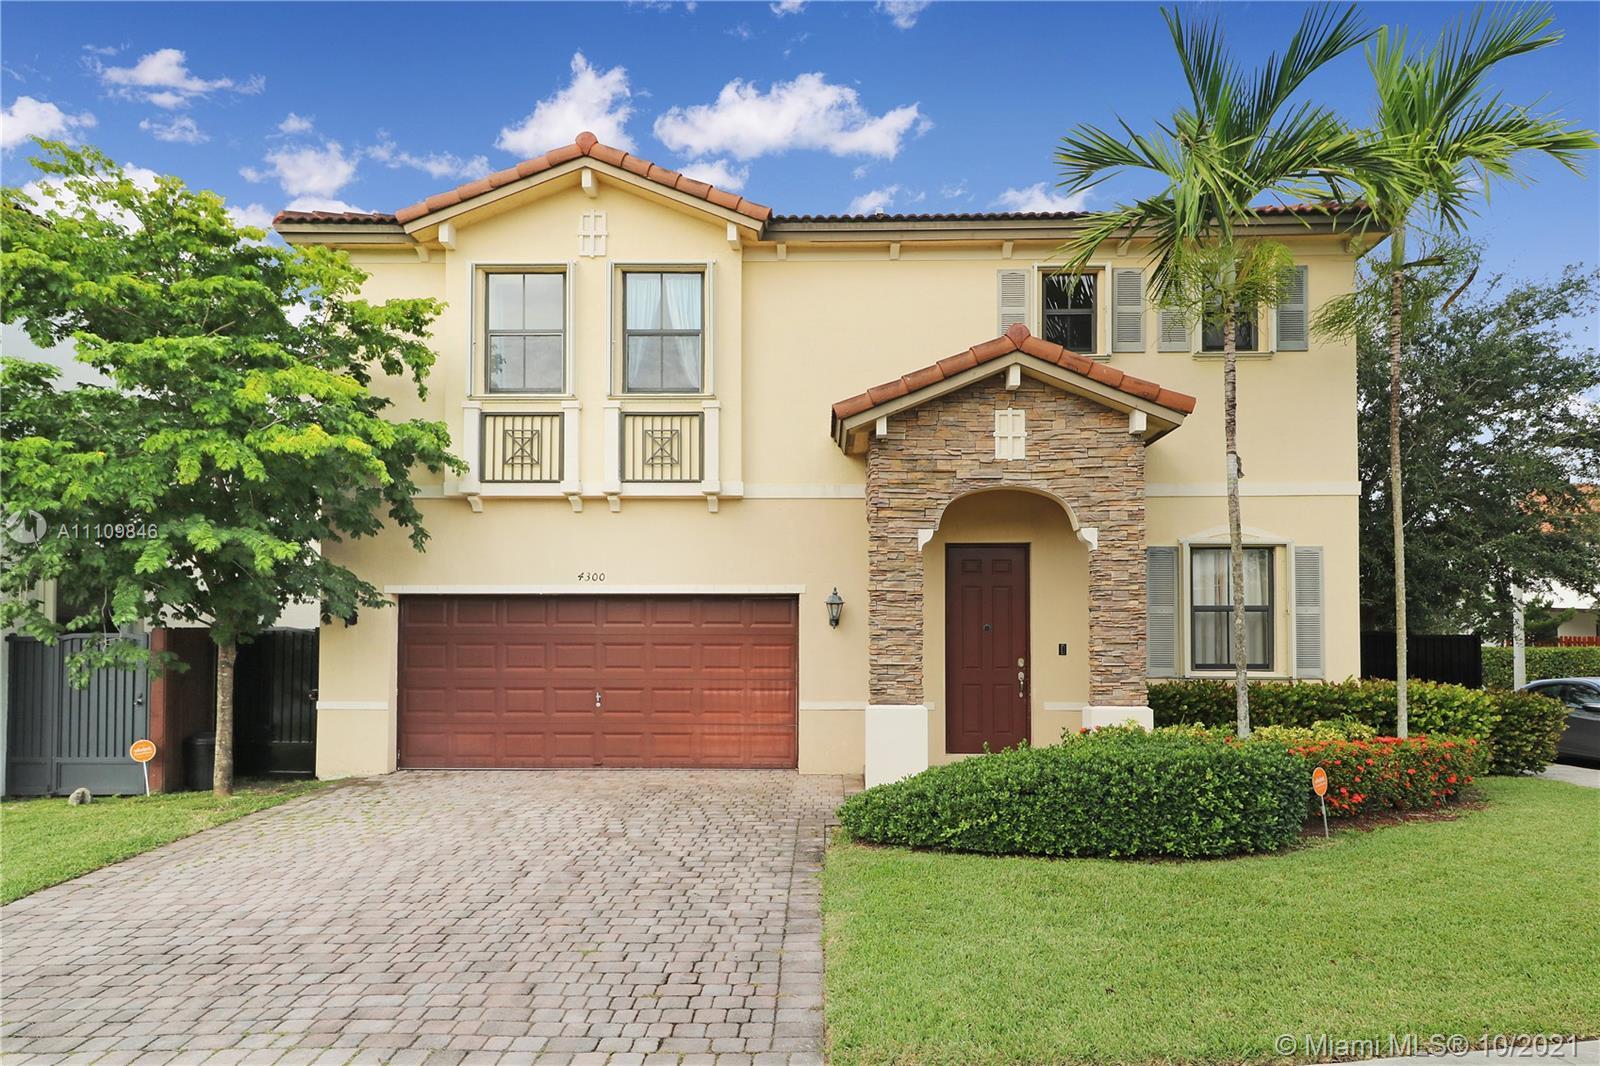 Single Family Home For Sale INTERLAKEN2,640 Sqft